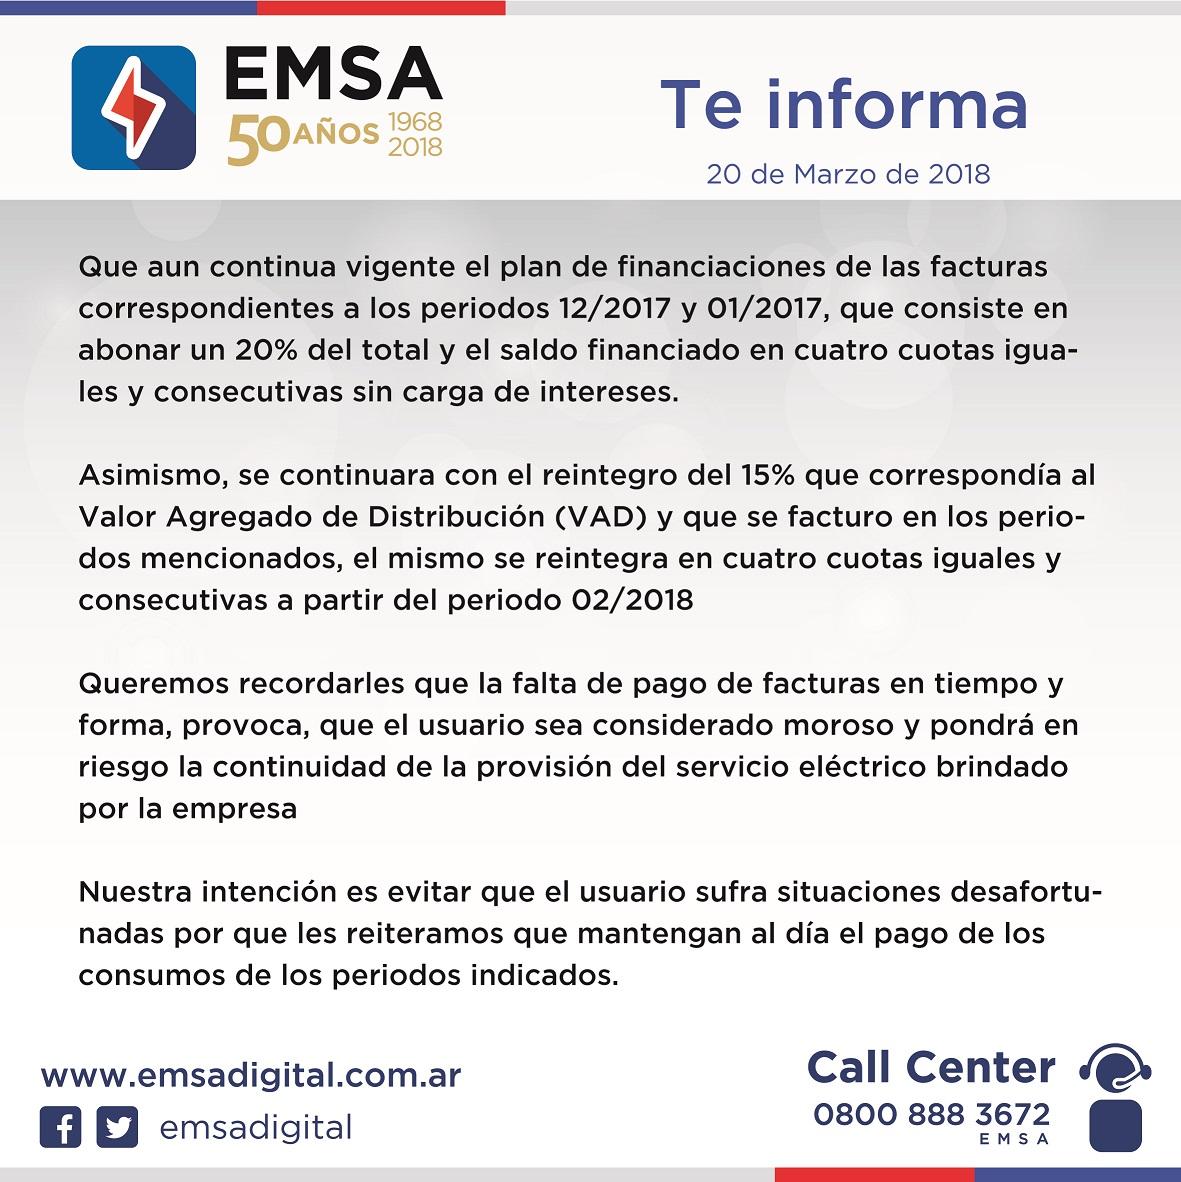 EMSA recuerda que continúan vigentes el reintegro del VAD y el plan de refinanciación de facturas